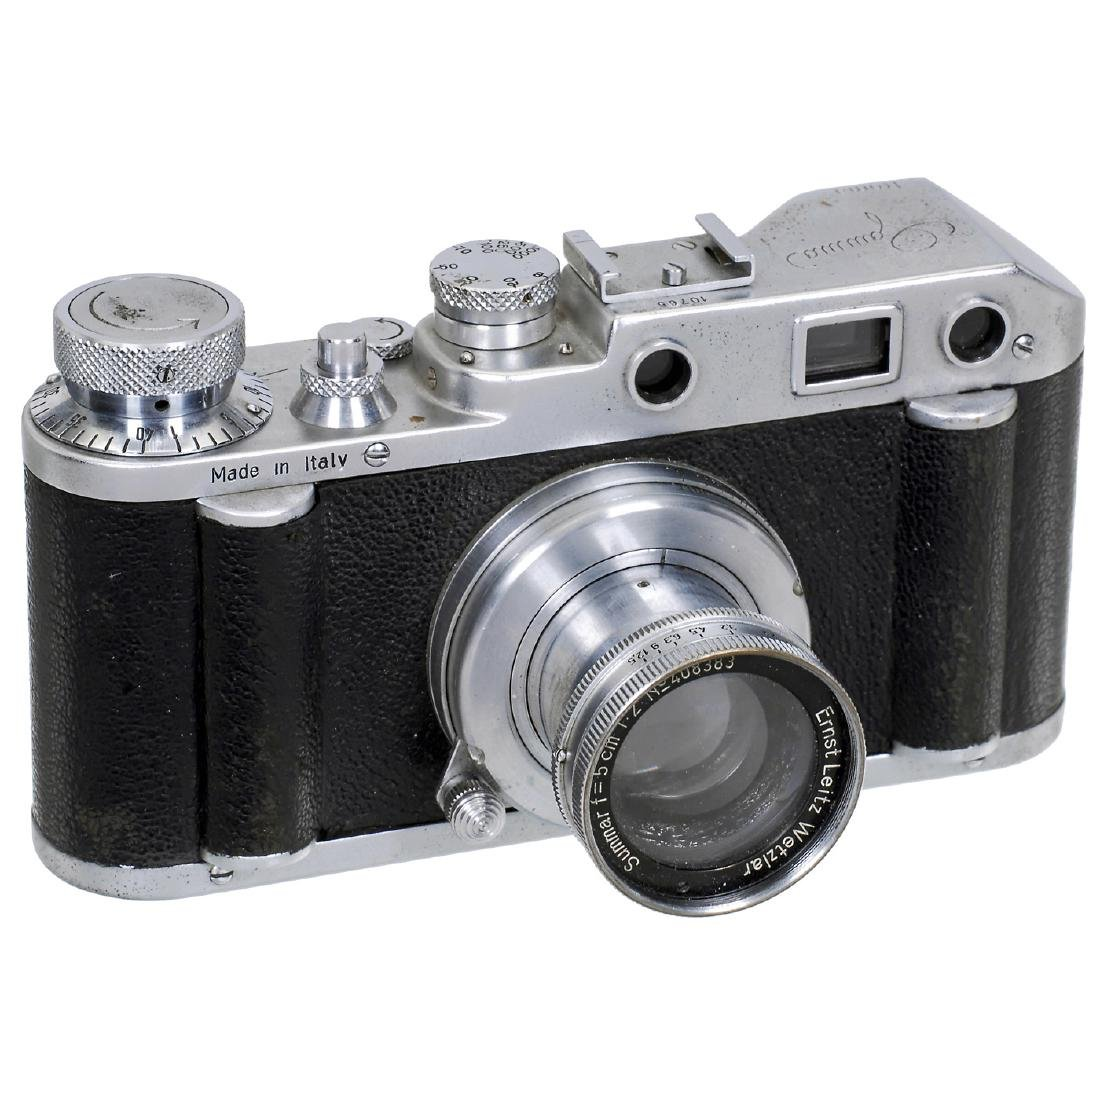 Gamma II, c. 1948/49